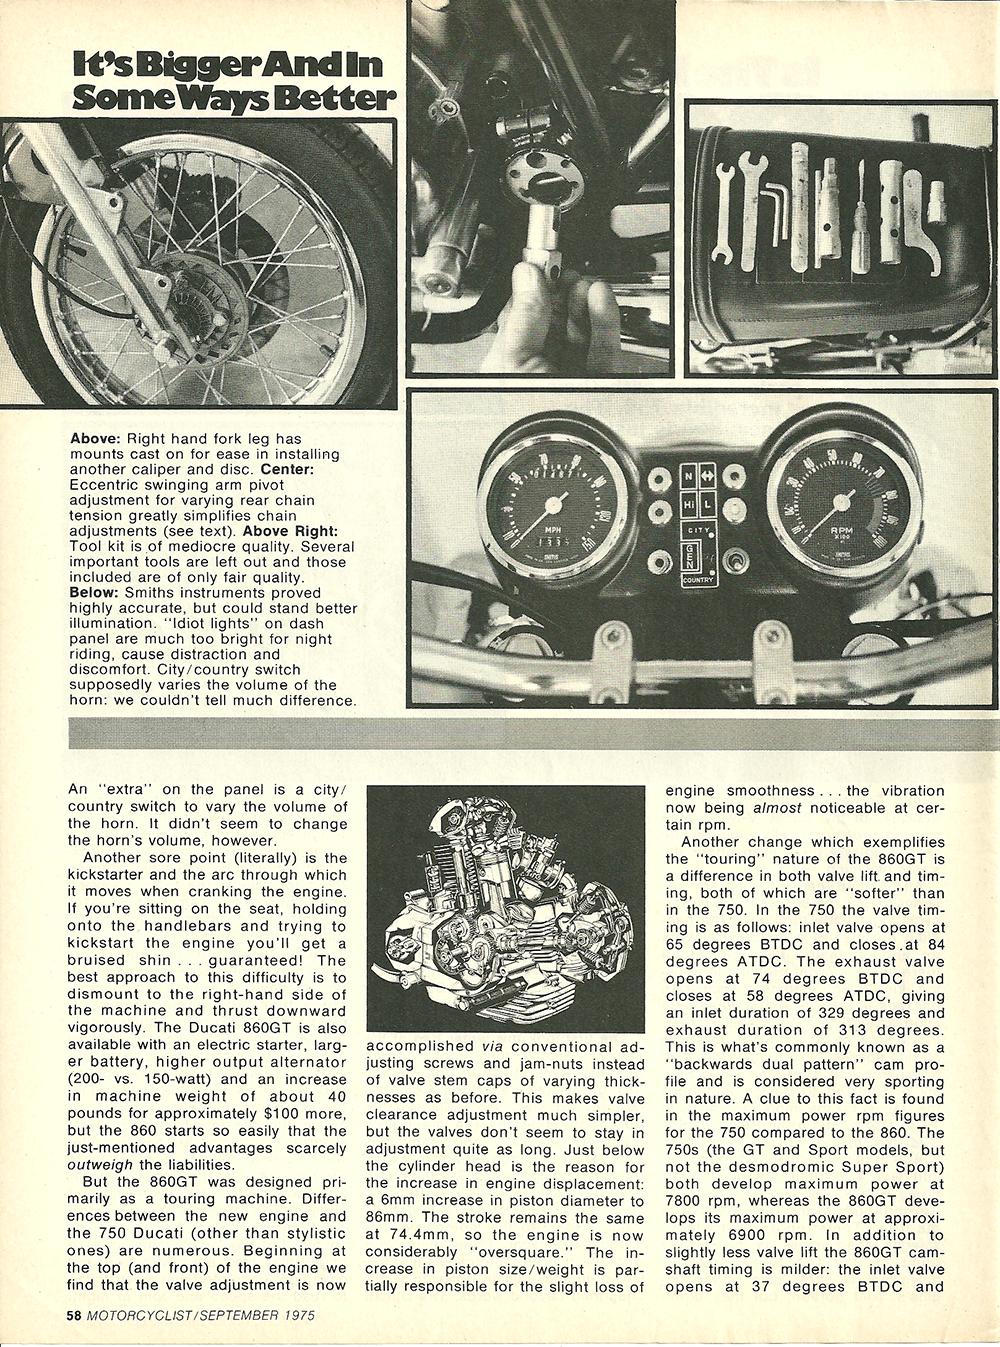 1975 Ducati 860 GT road test 3.jpg